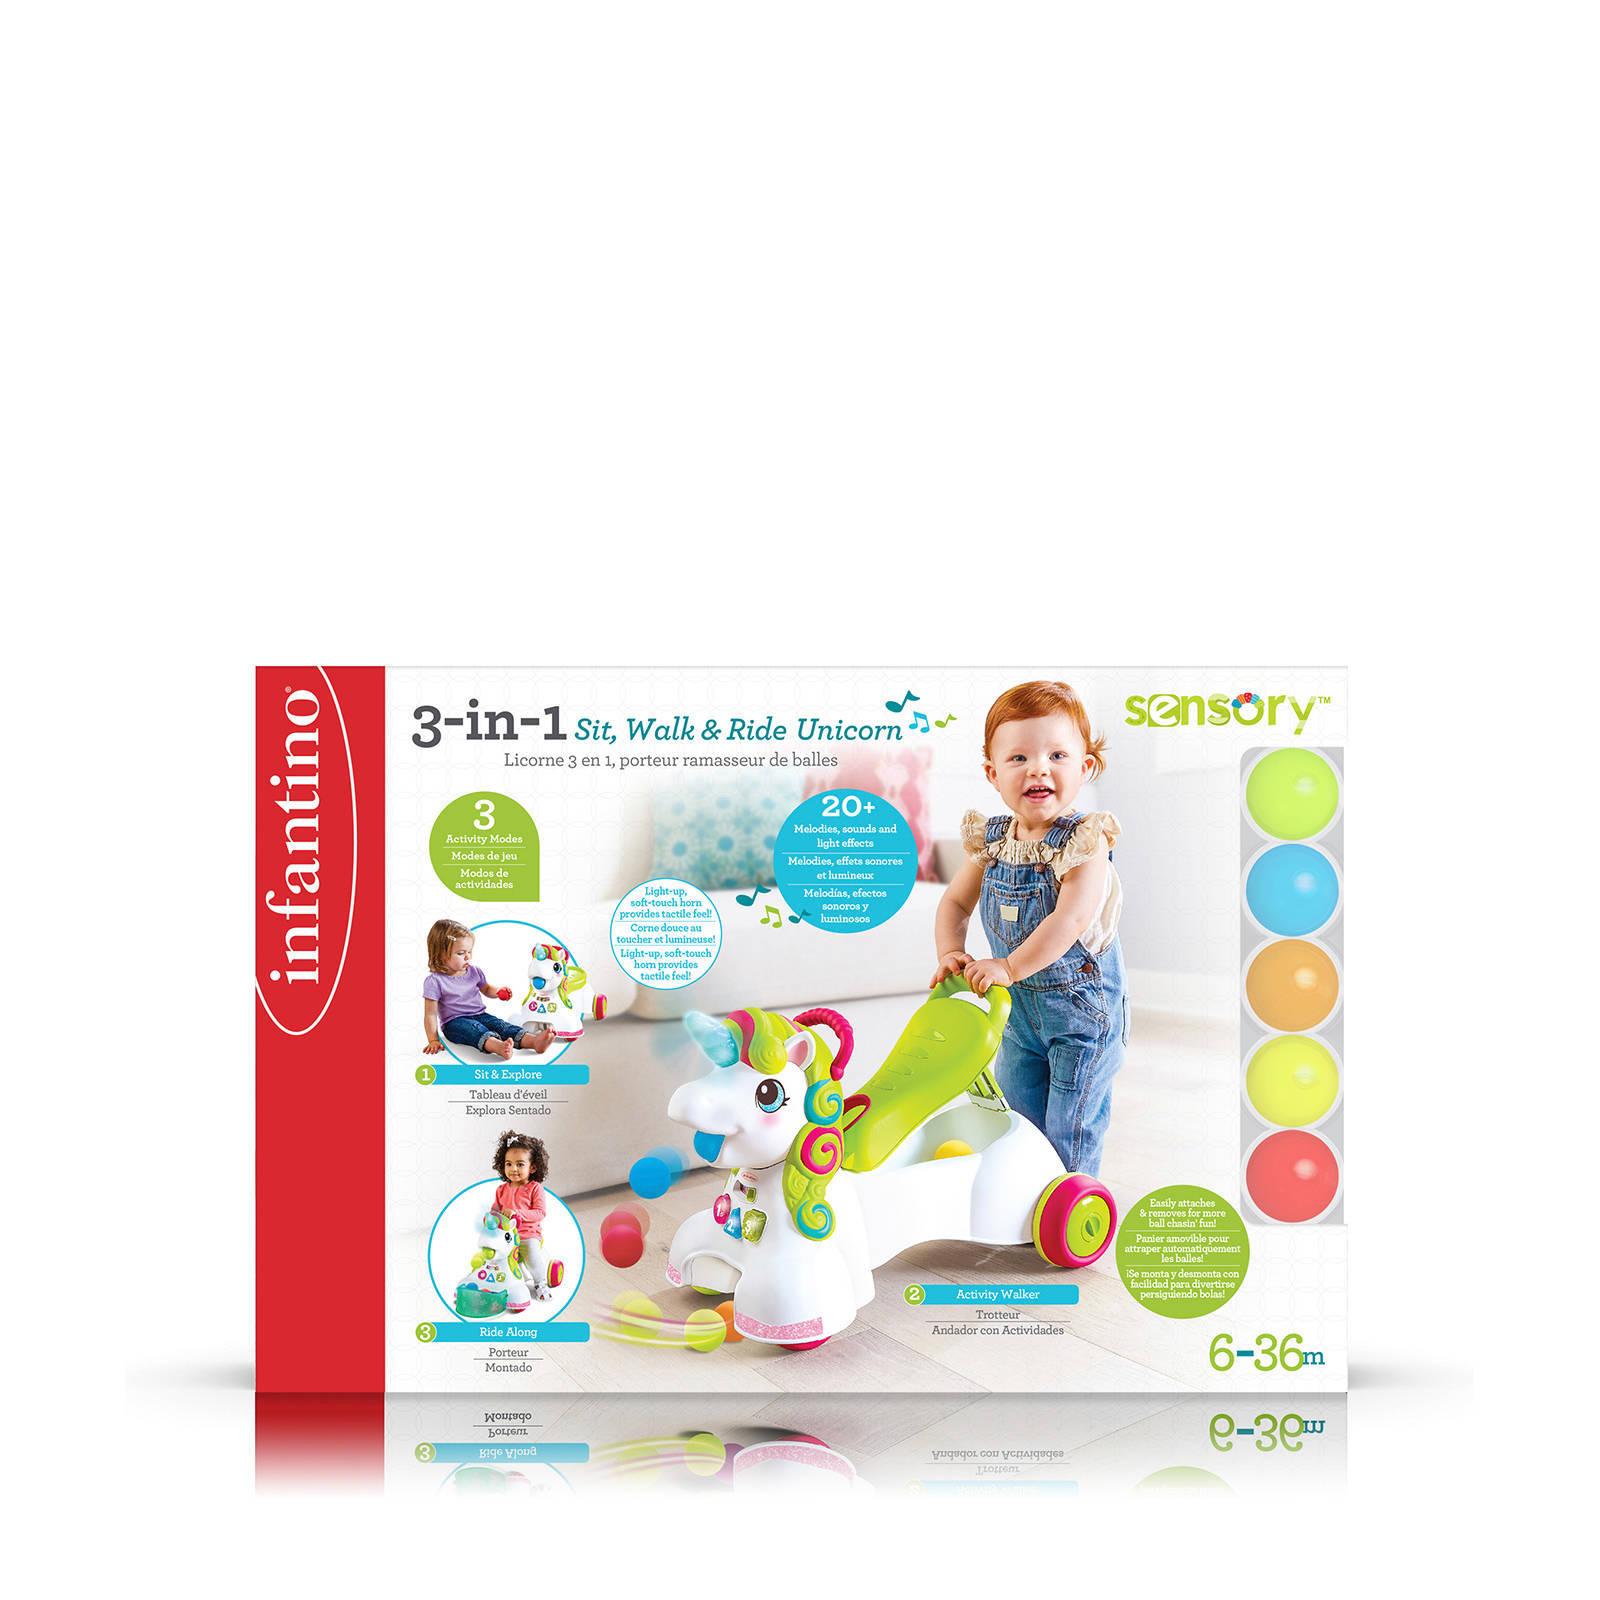 Infantino speelgoed bij wehkamp Gratis bezorging vanaf 20.